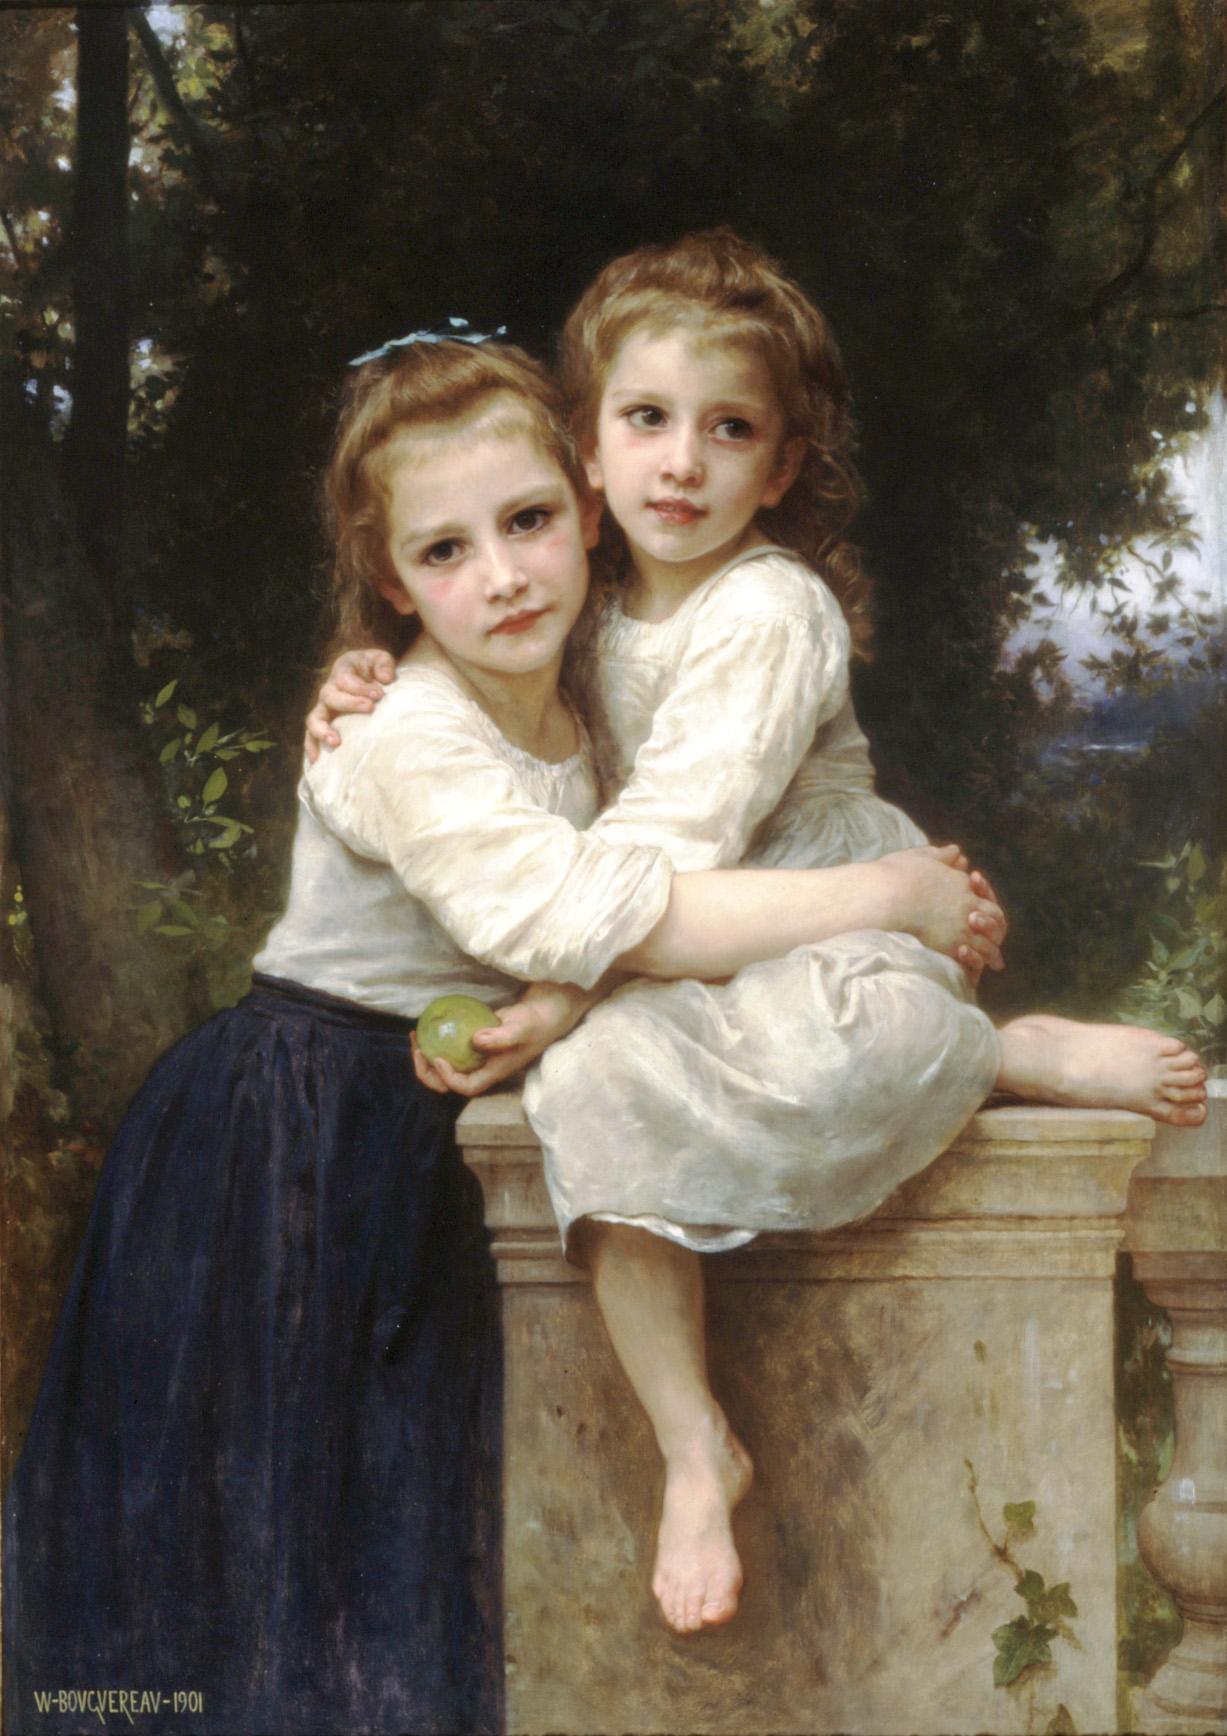 Artist: William Adolphe Bouguereau